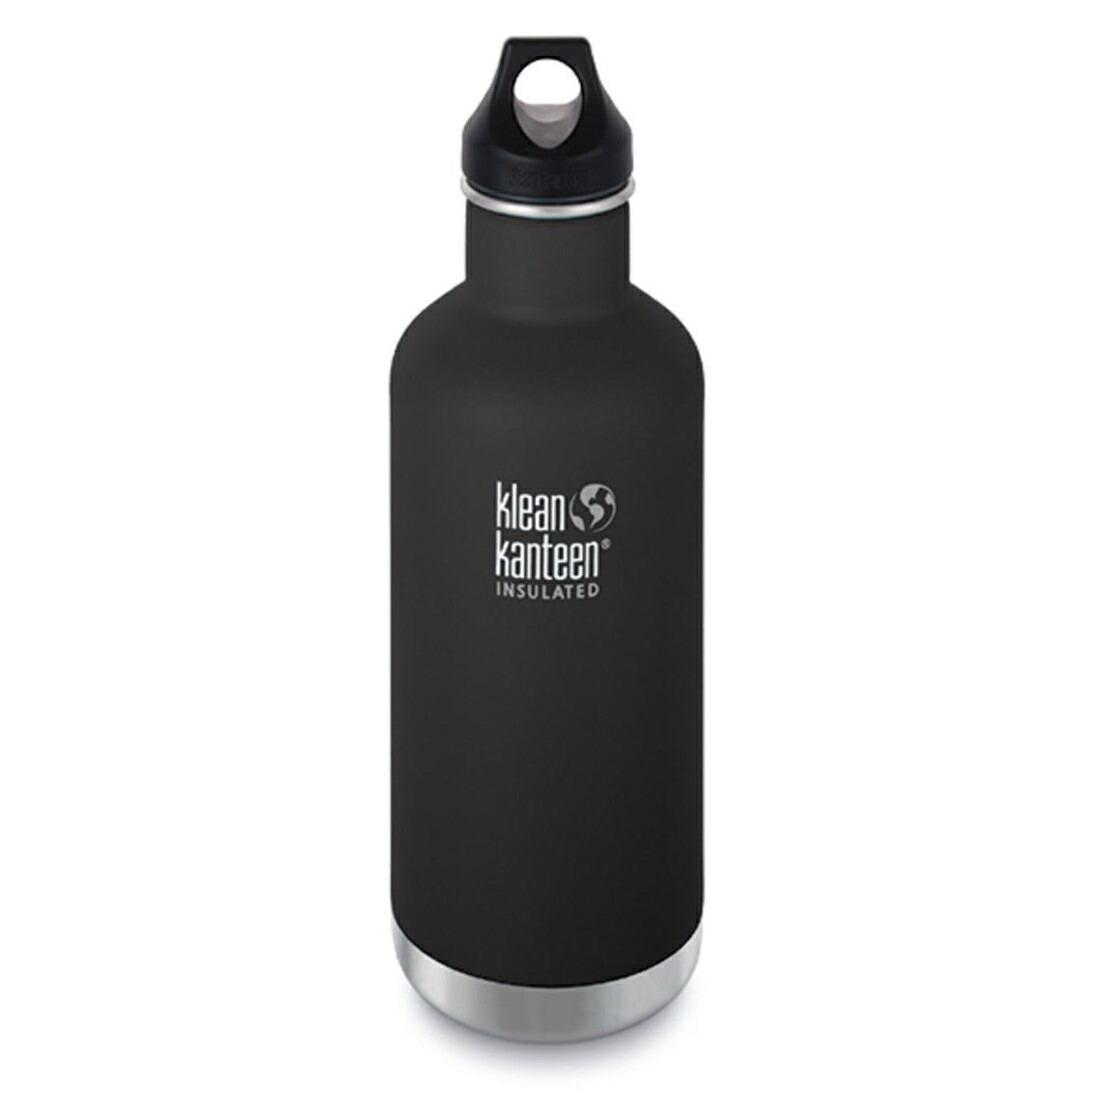 クリーンカンティーン クラシックインスレート 32oz 保冷保温ボトル水筒  国内正規品